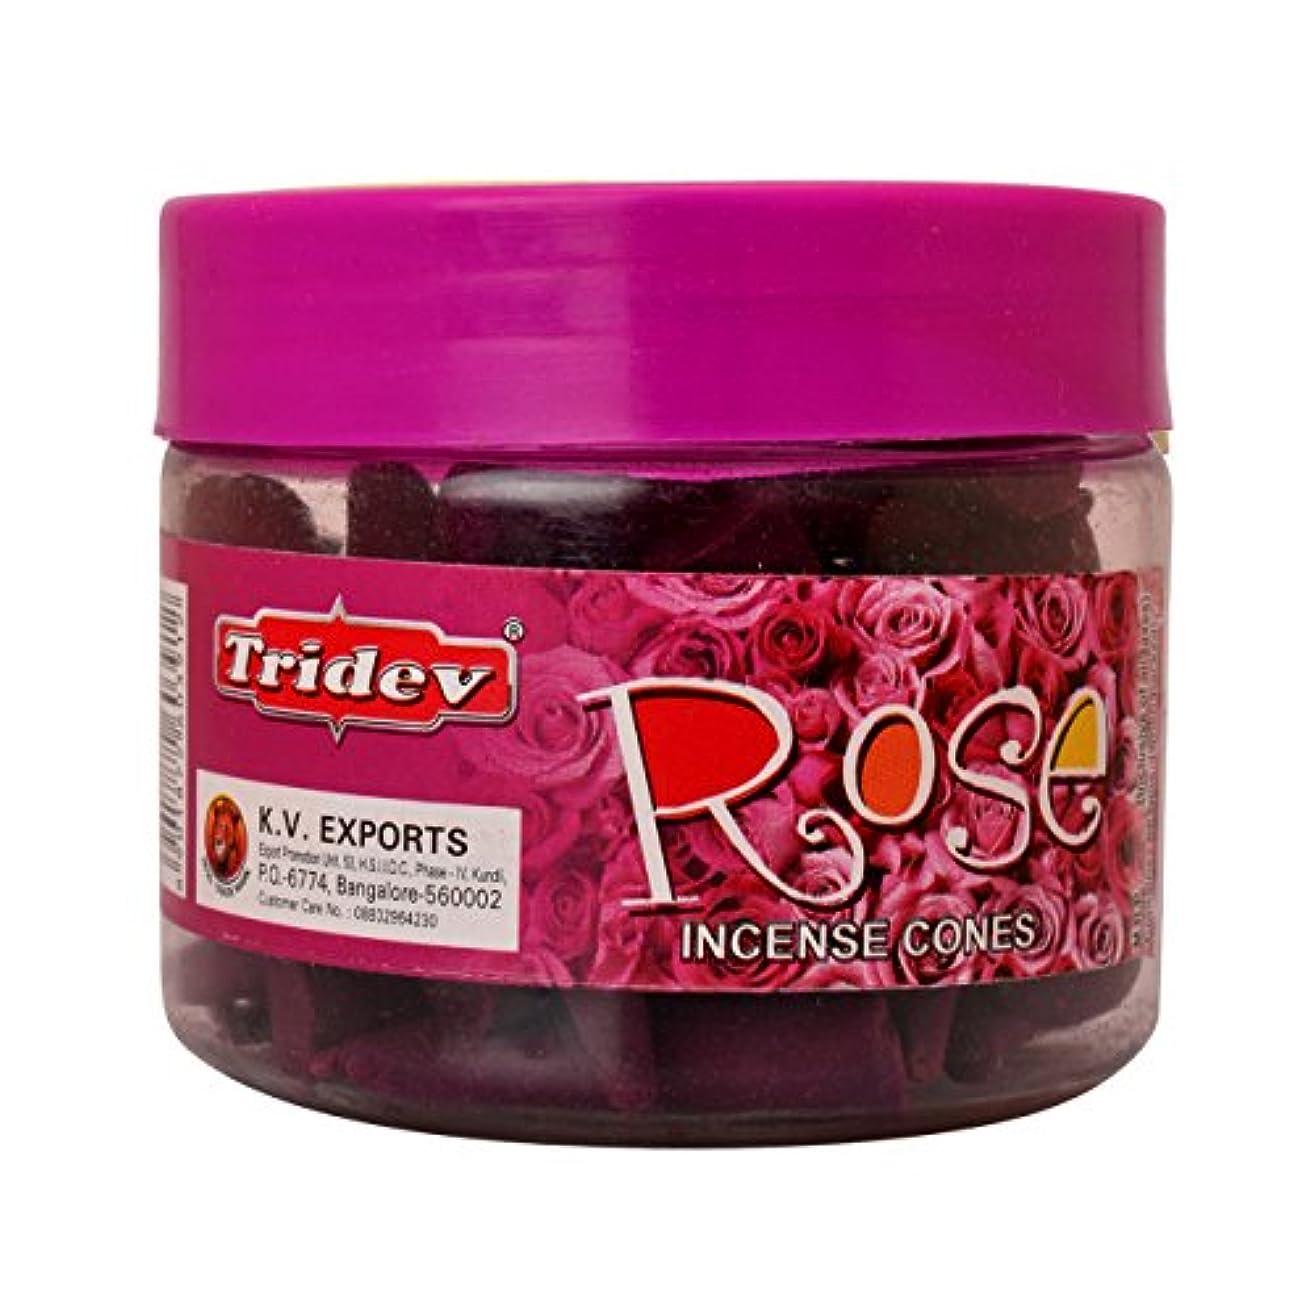 Tridev Rose Incense Cones Jar 90グラムパック